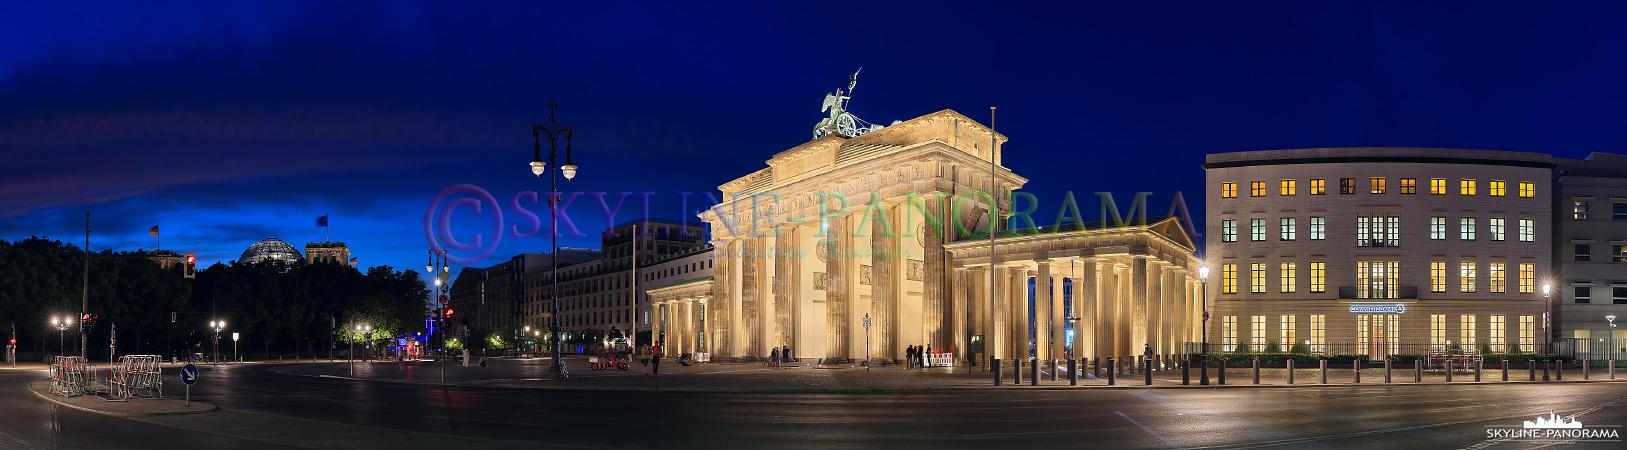 Sehenswürdigkeiten der Hauptstadt - Dieses Panorama zeigt die Rückseite des Brandenburger Tors, es wurde in den Abendstunden aufgenommen.